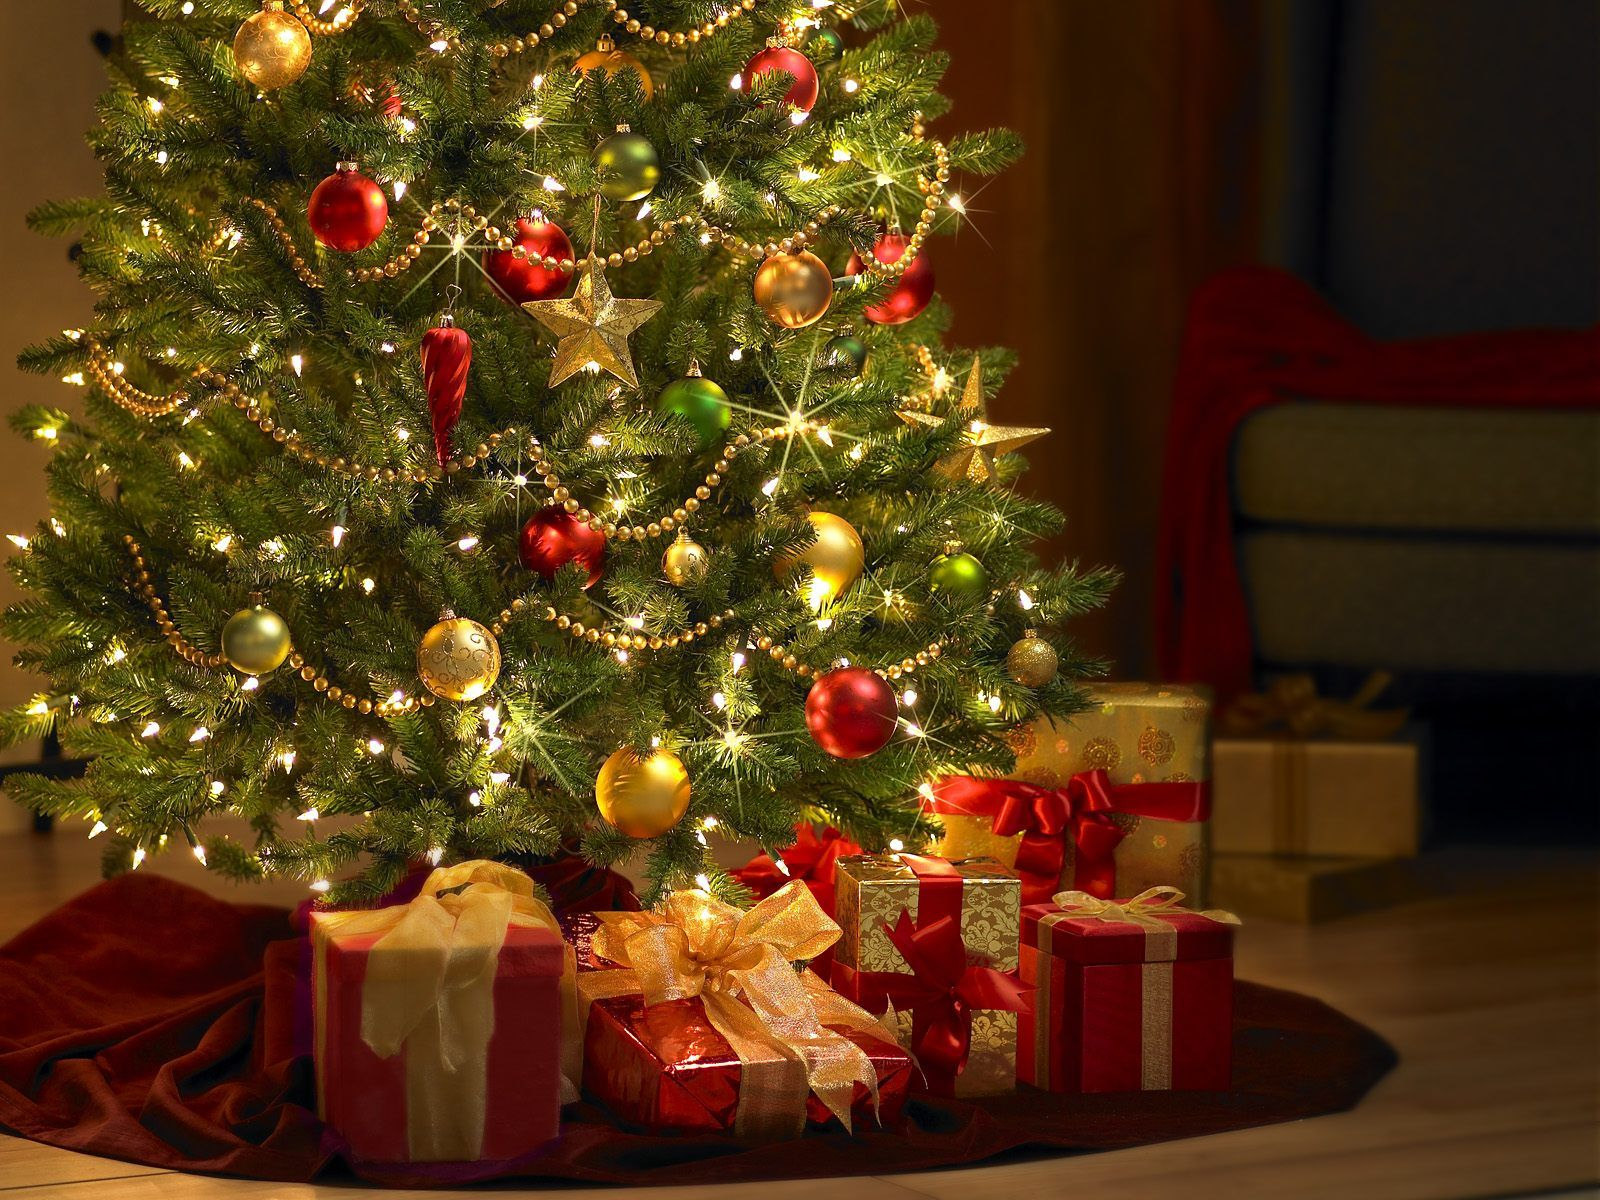 ¿Cuánto cuesta armar el arbolito de Navidad?